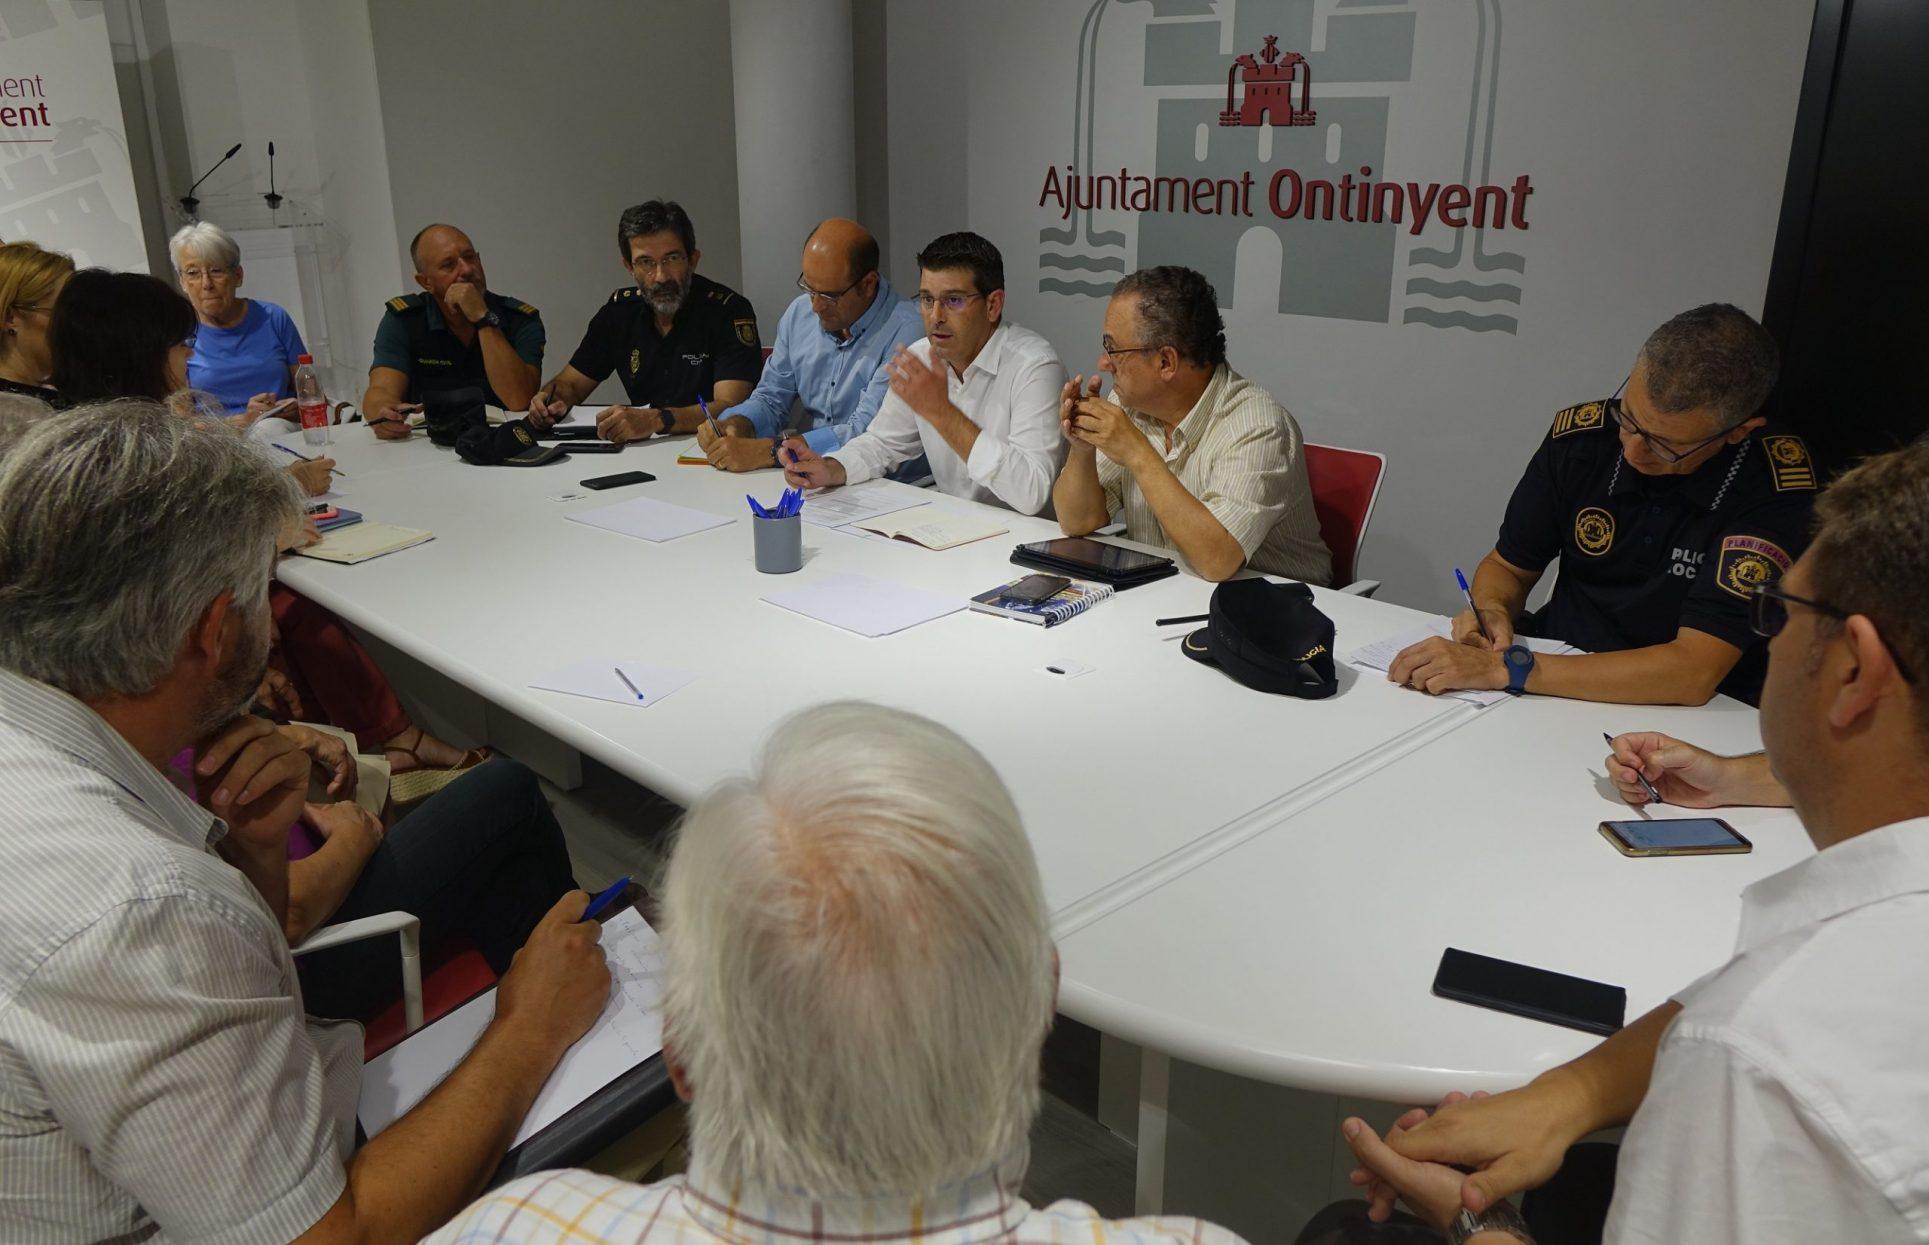 Ontinyent, la ciutat amb menys delictes de la Comunitat Valenciana El Periòdic d'Ontinyent